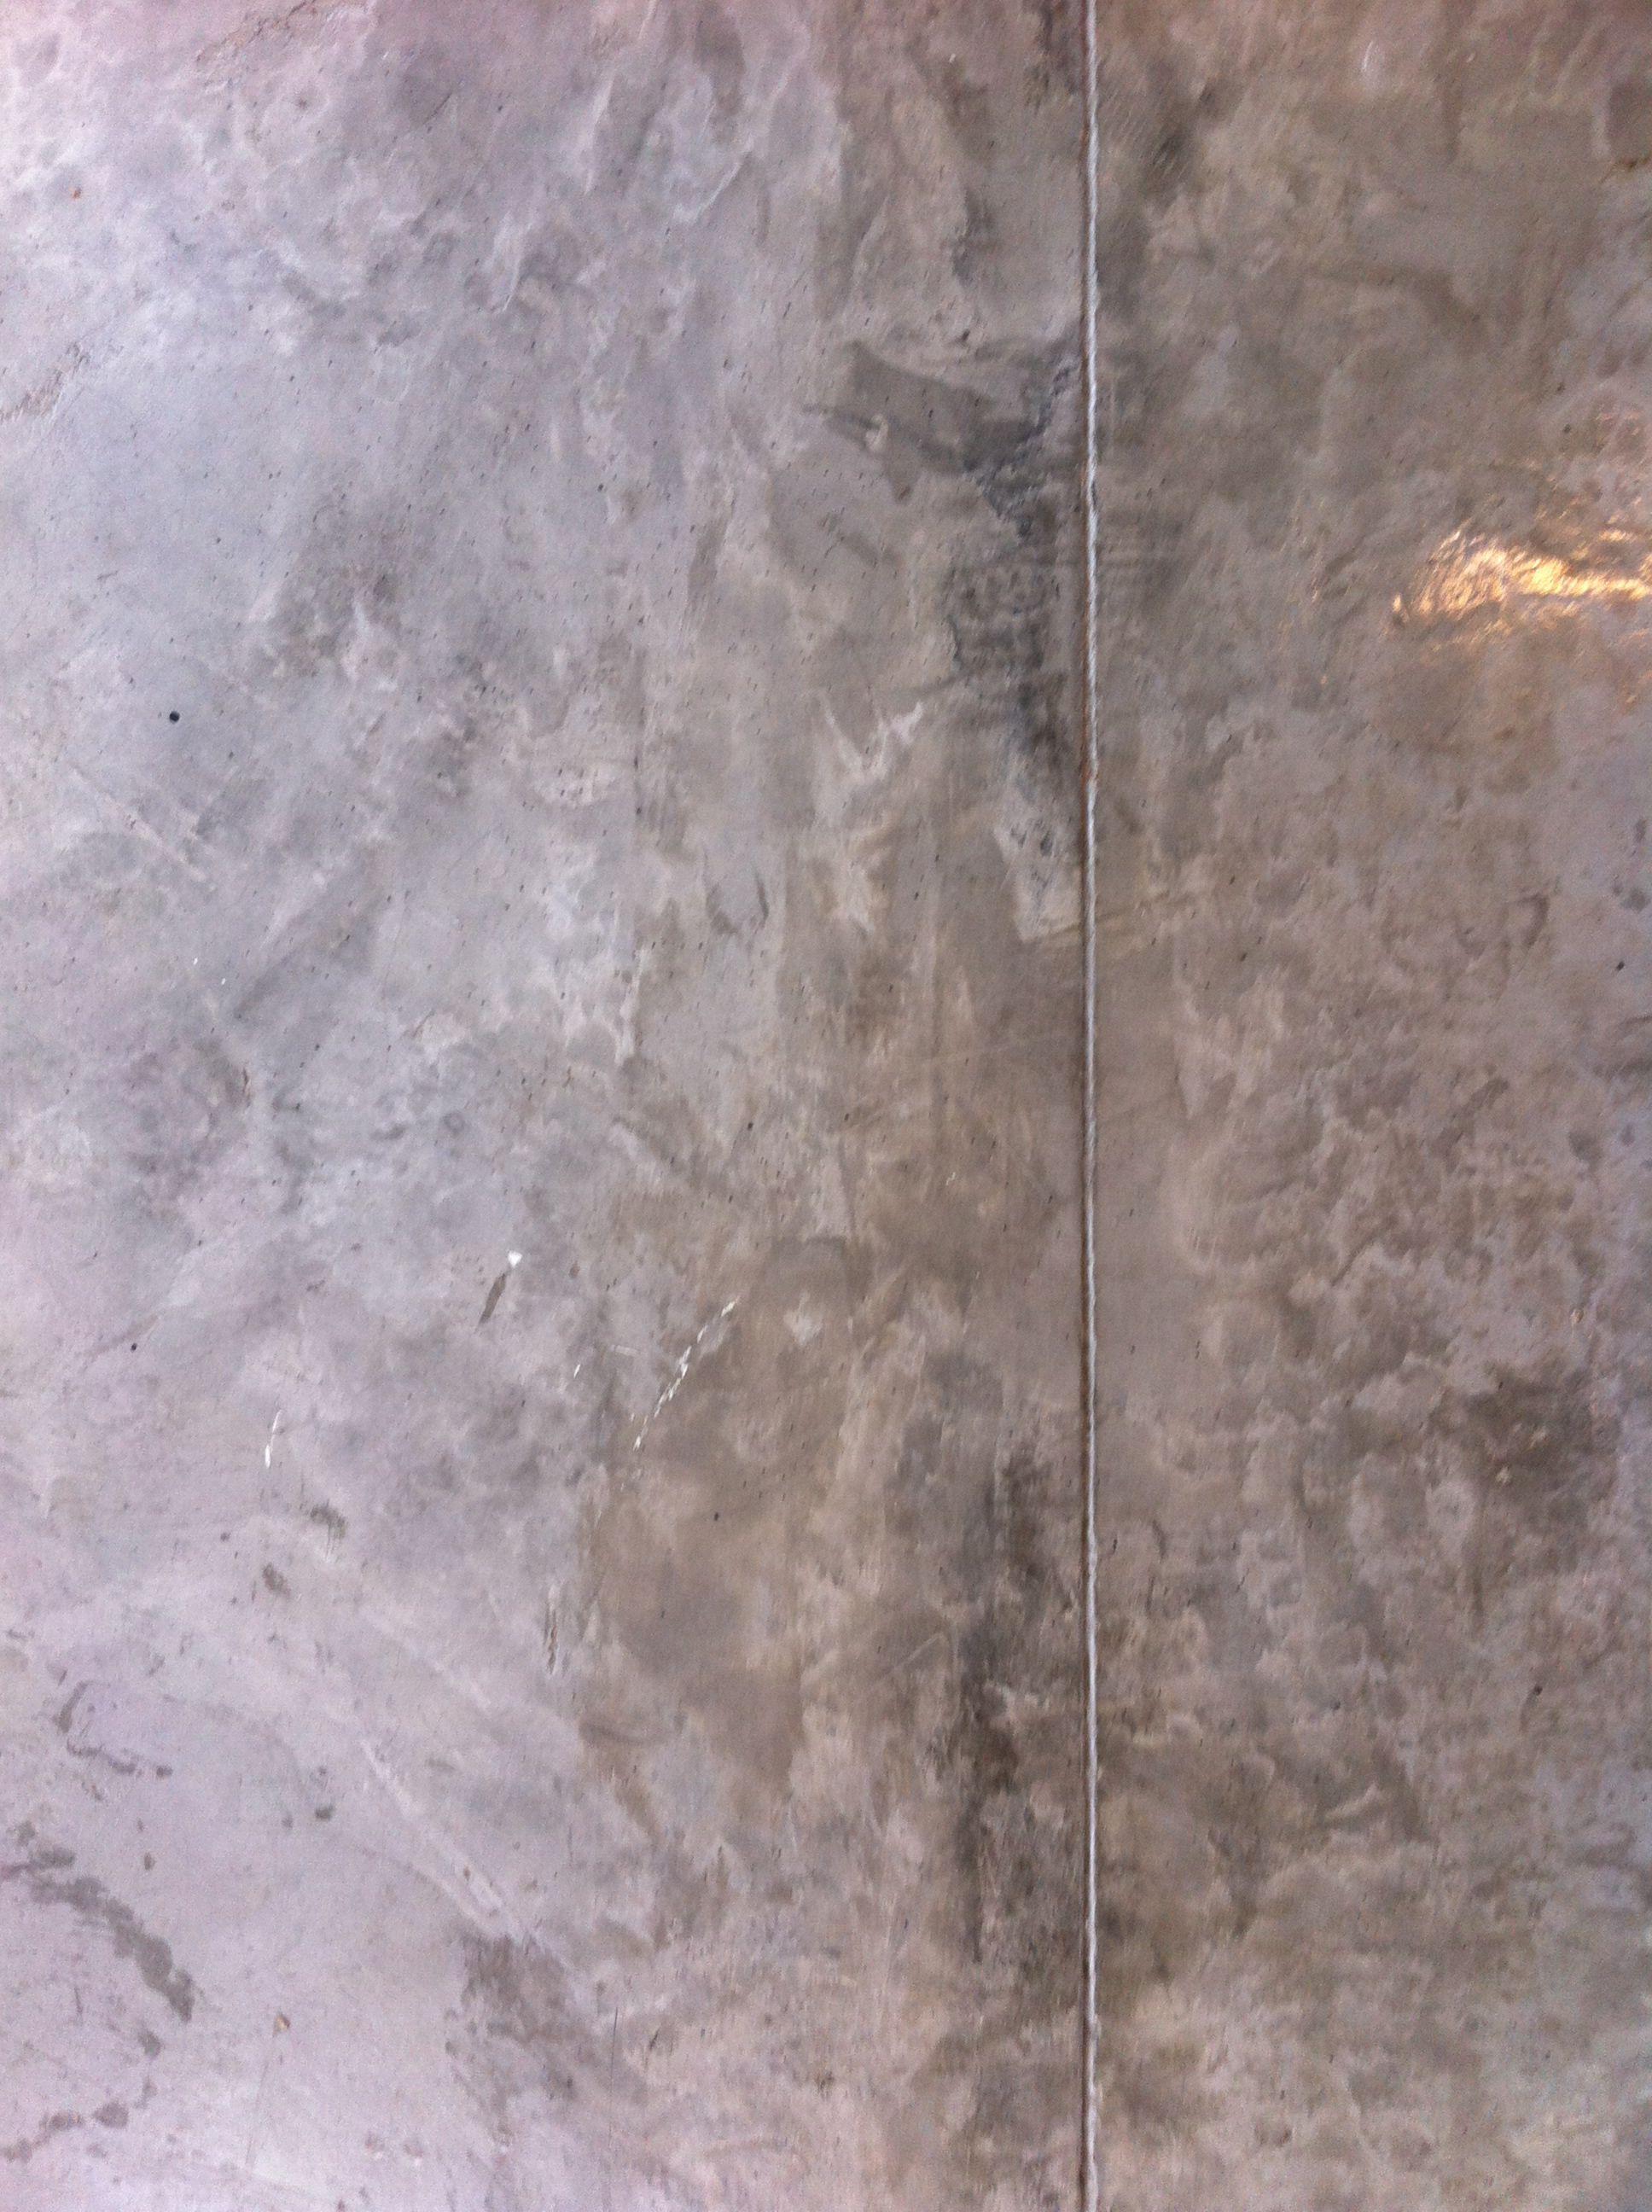 Concreto pulido brillante texturas pinterest for Piso cemento pulido